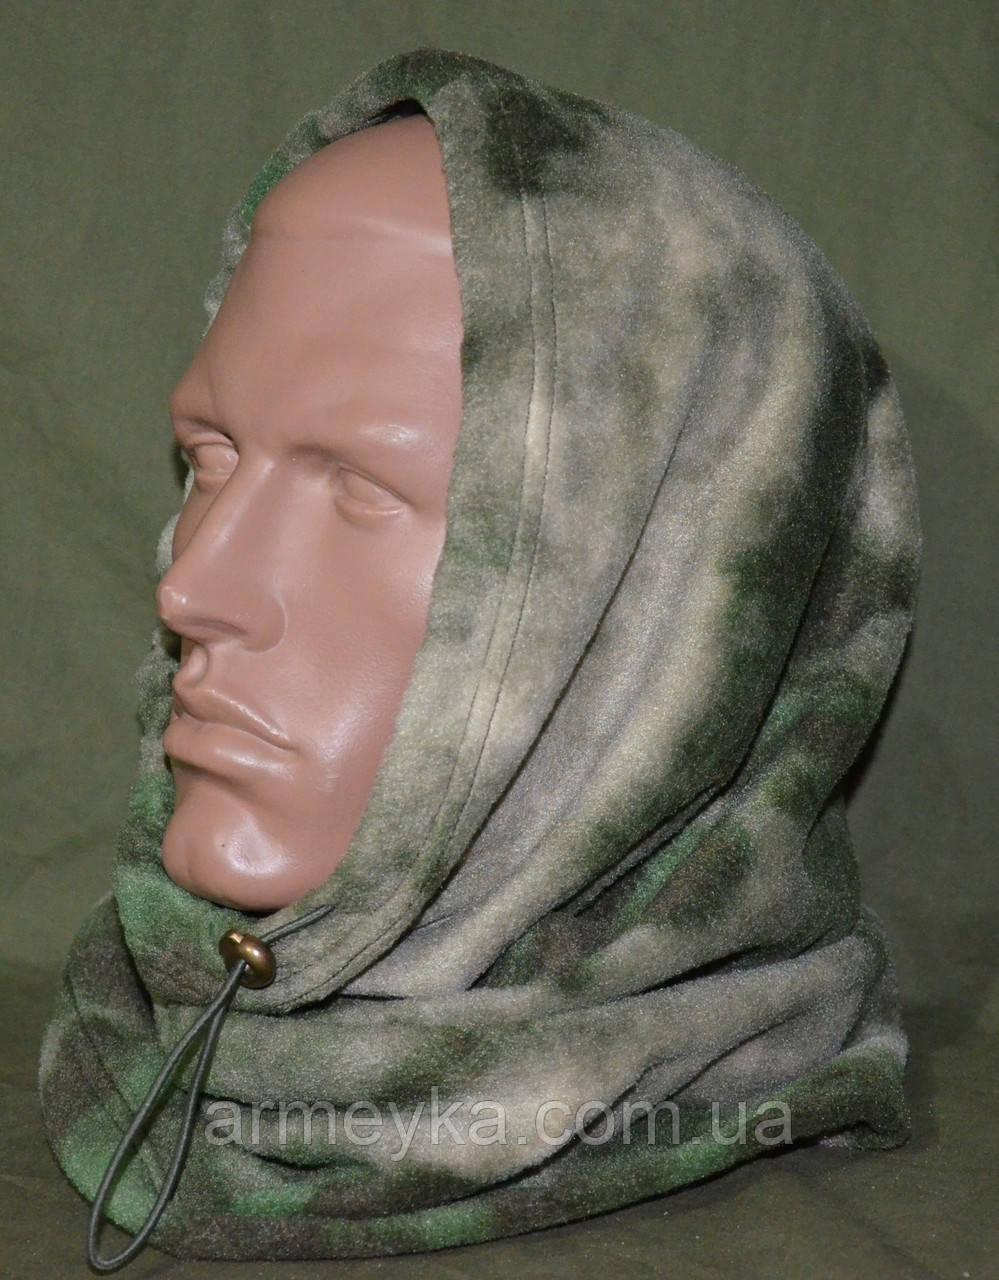 Зимний флисовый БАФ (шарф-труба) в расцветке  HDT-camo (A-Tacs). НОВЫЙ, UA.